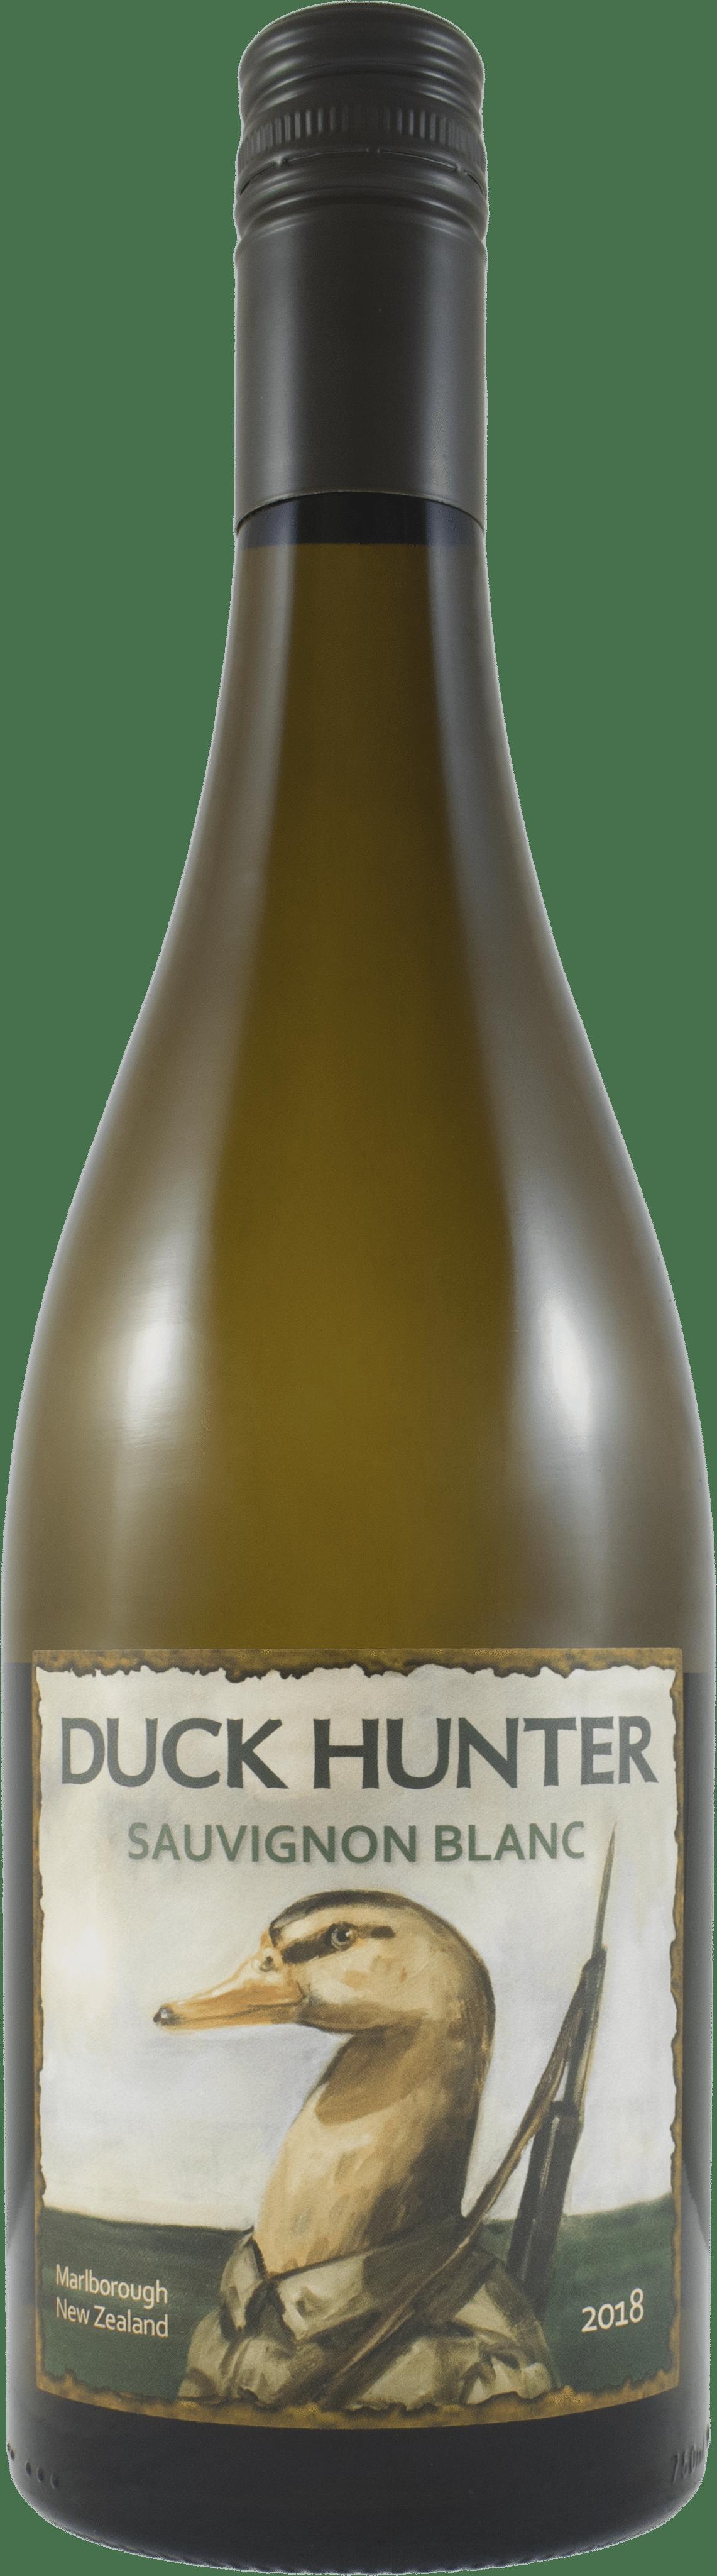 2018 Duck Hunter Sauvignon Blanc